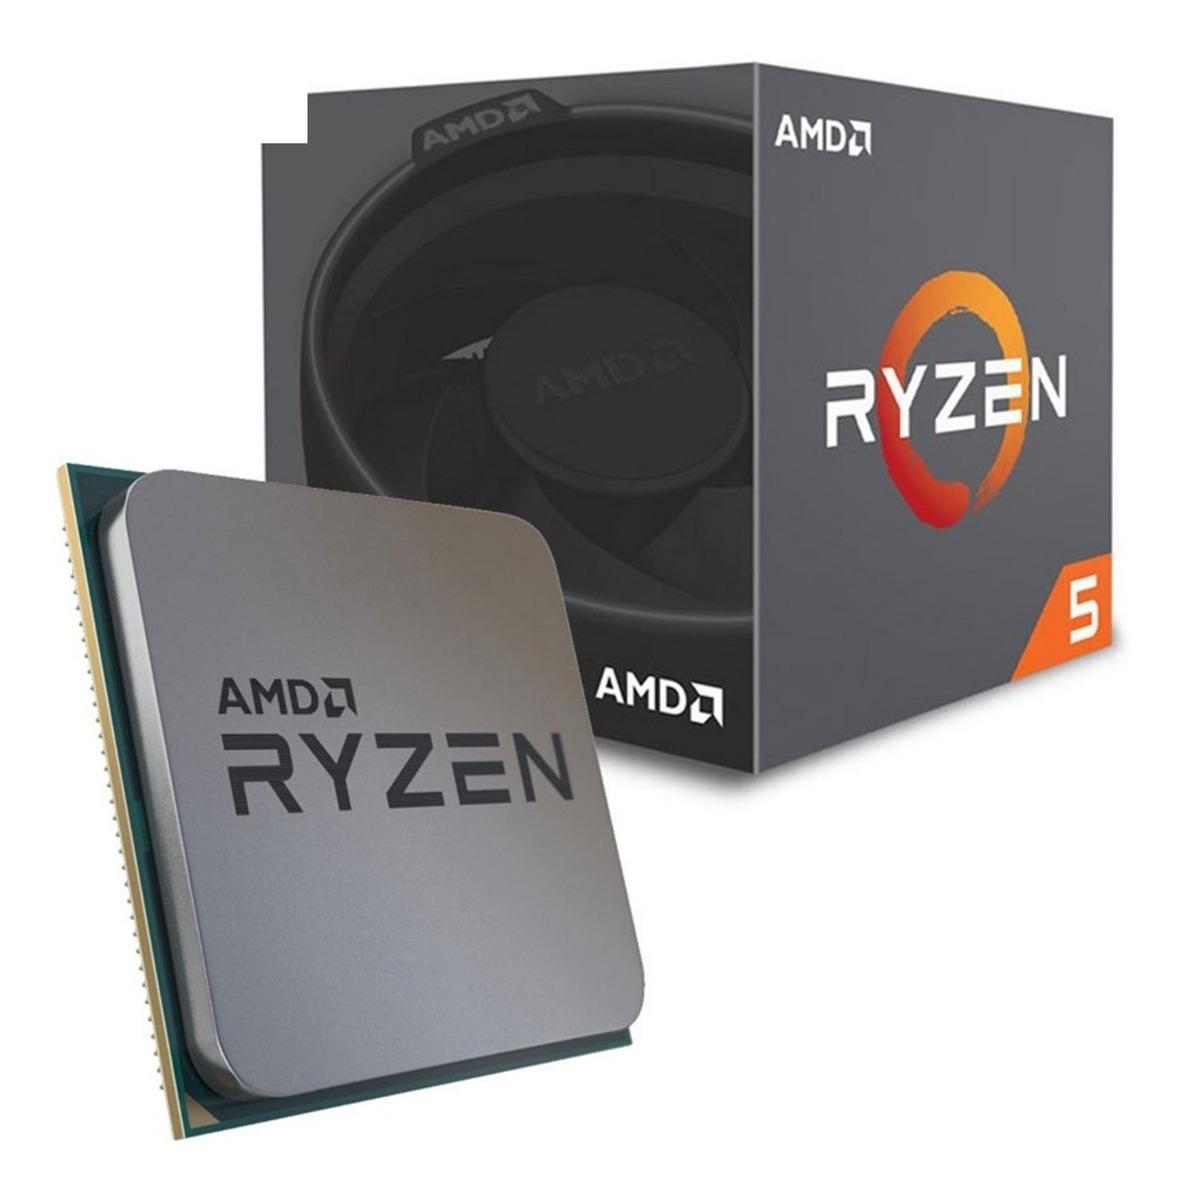 Procesador Amd Ryzen 5 Socket Am4 Turbo 3.9ghz 6 Cores Zen 16mb ...